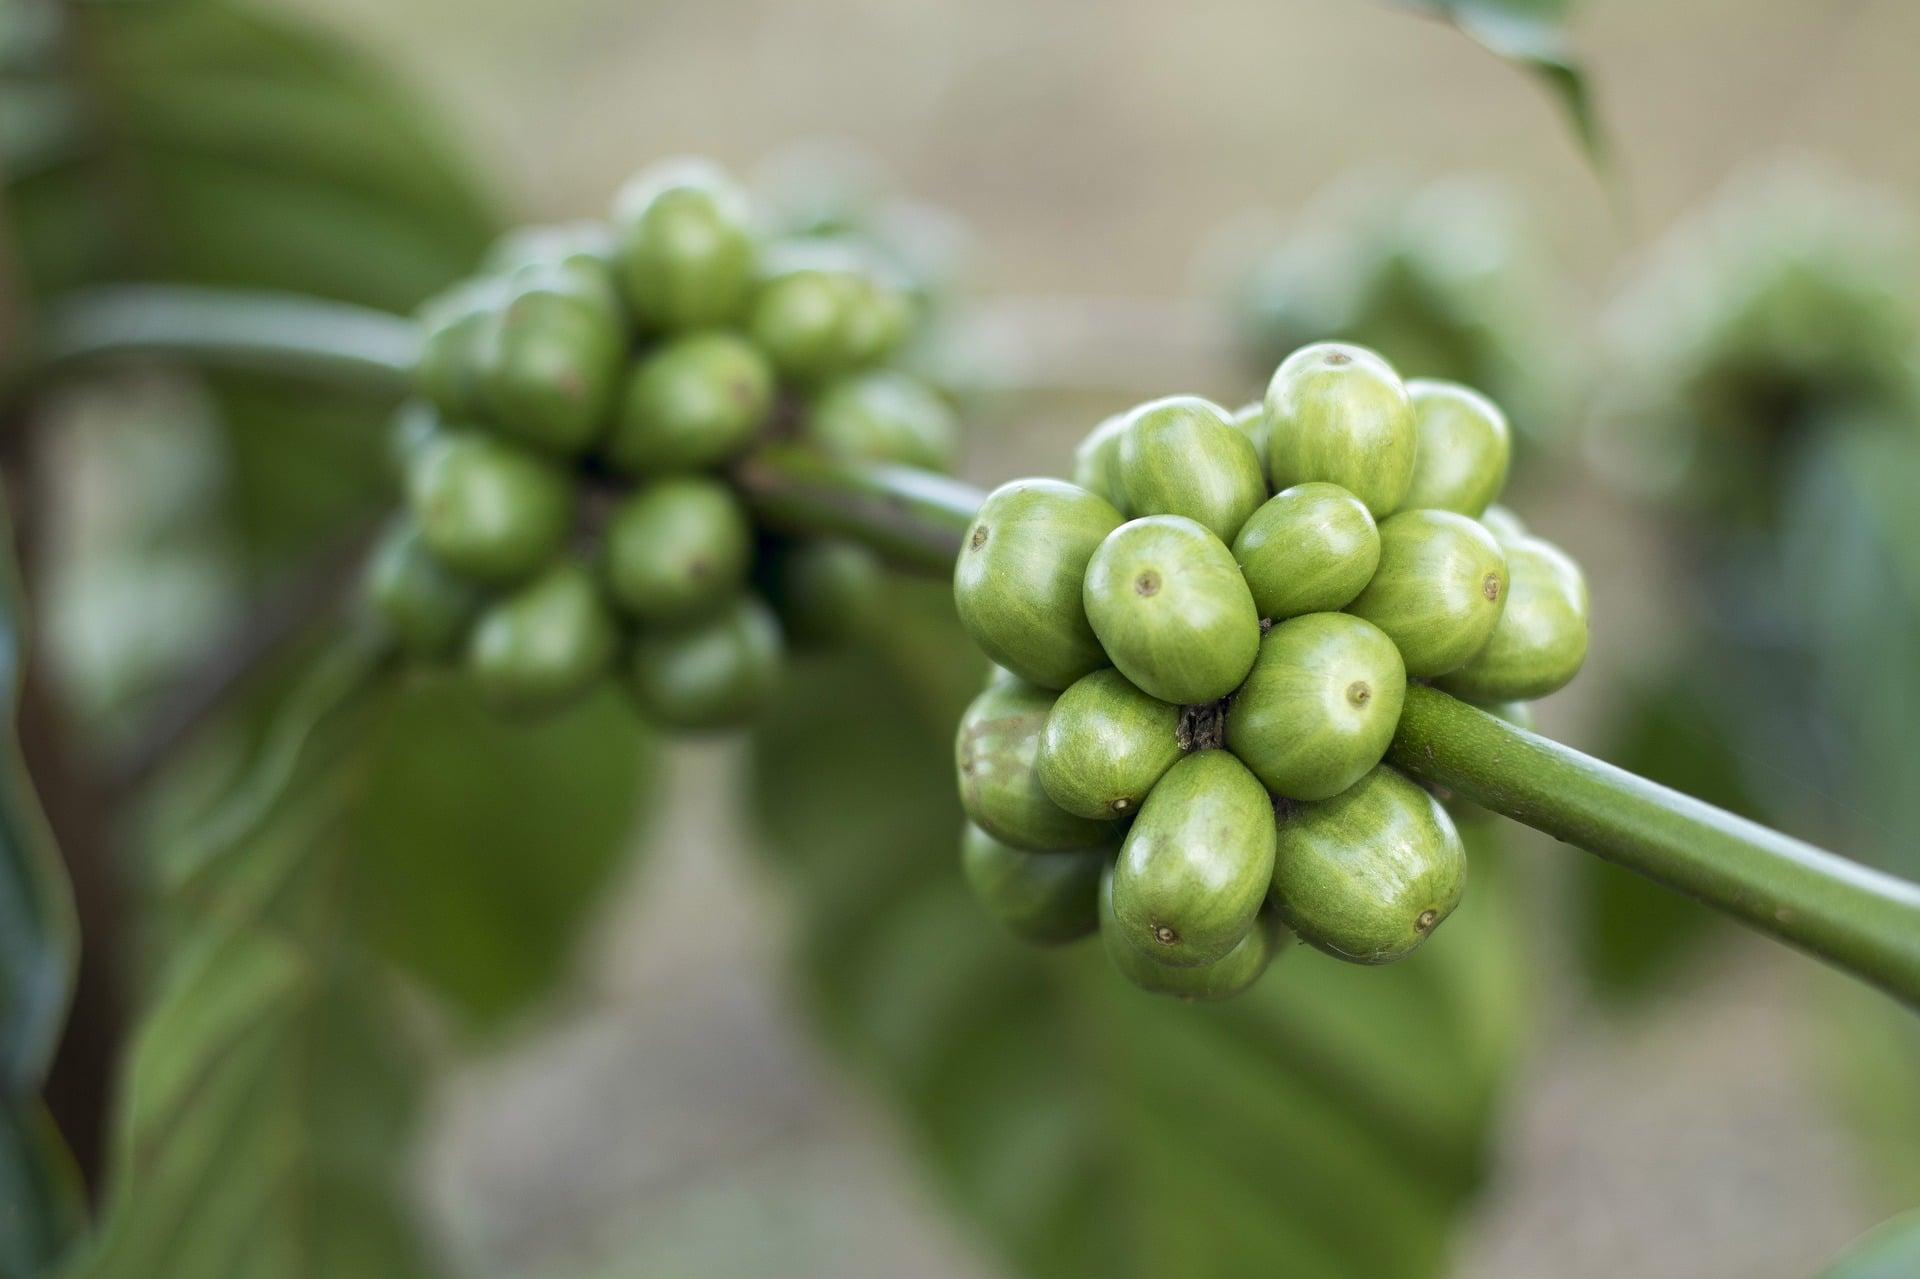 Gruner Kaffee Extrakt Vs Gruner Tee Extrakt Was Hilft Besser In